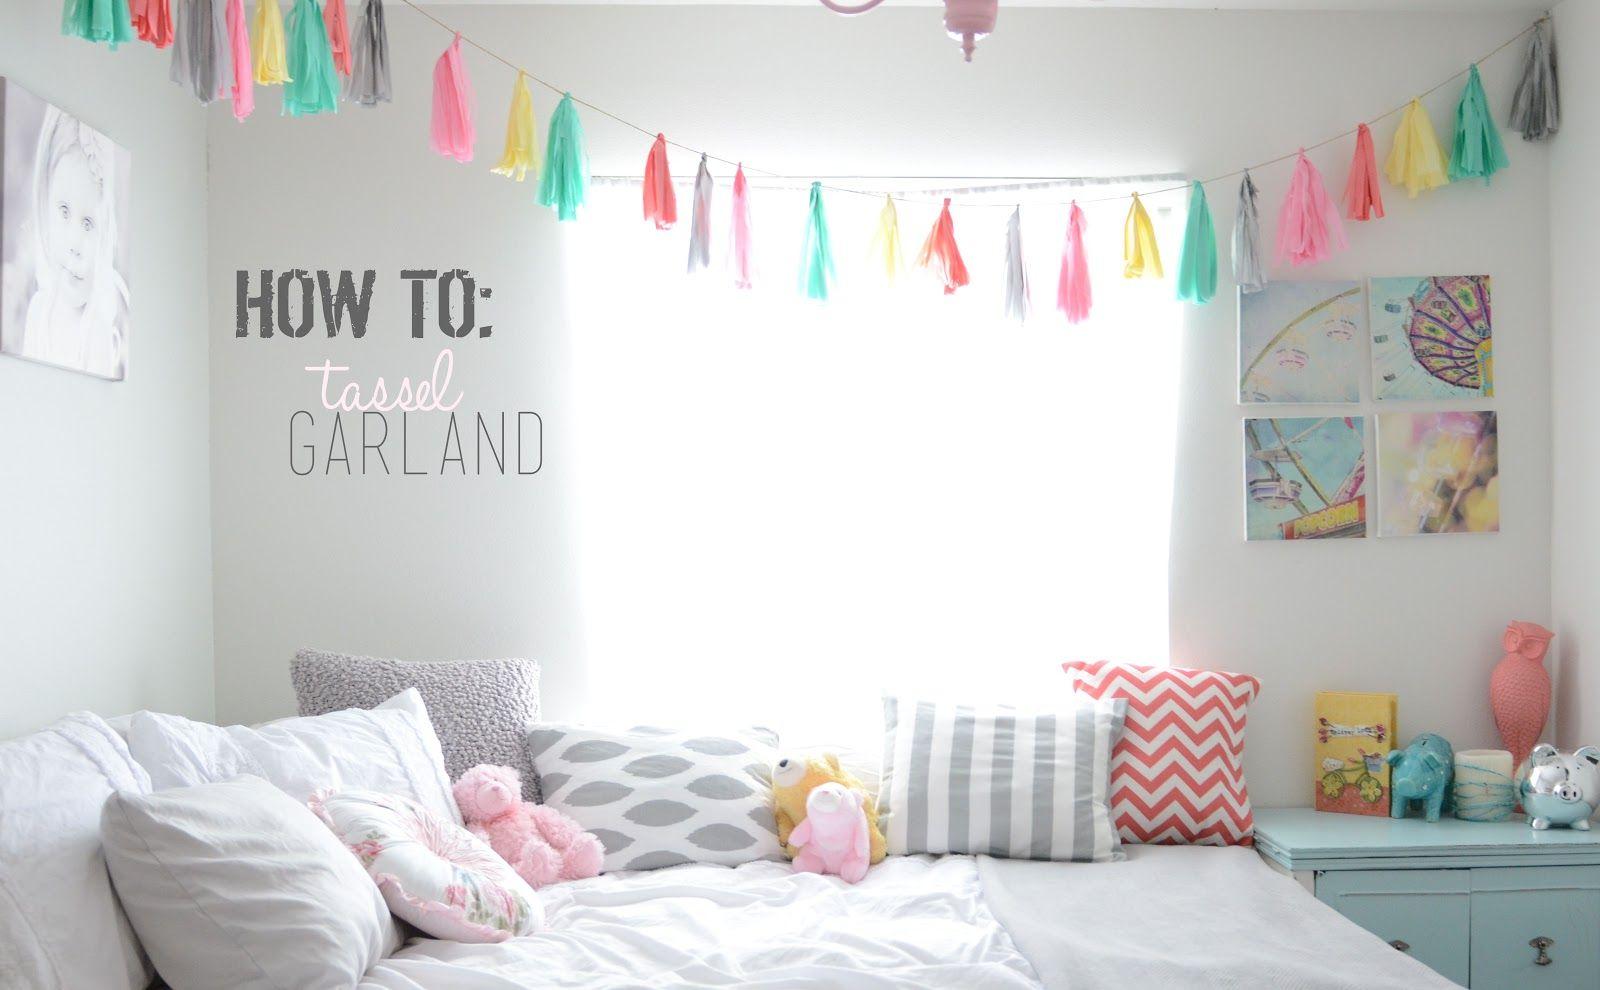 タッセルガーランドでワンランク上の海外風インテリアに Mery メリー Girl Room Room Decor Little Girl Rooms